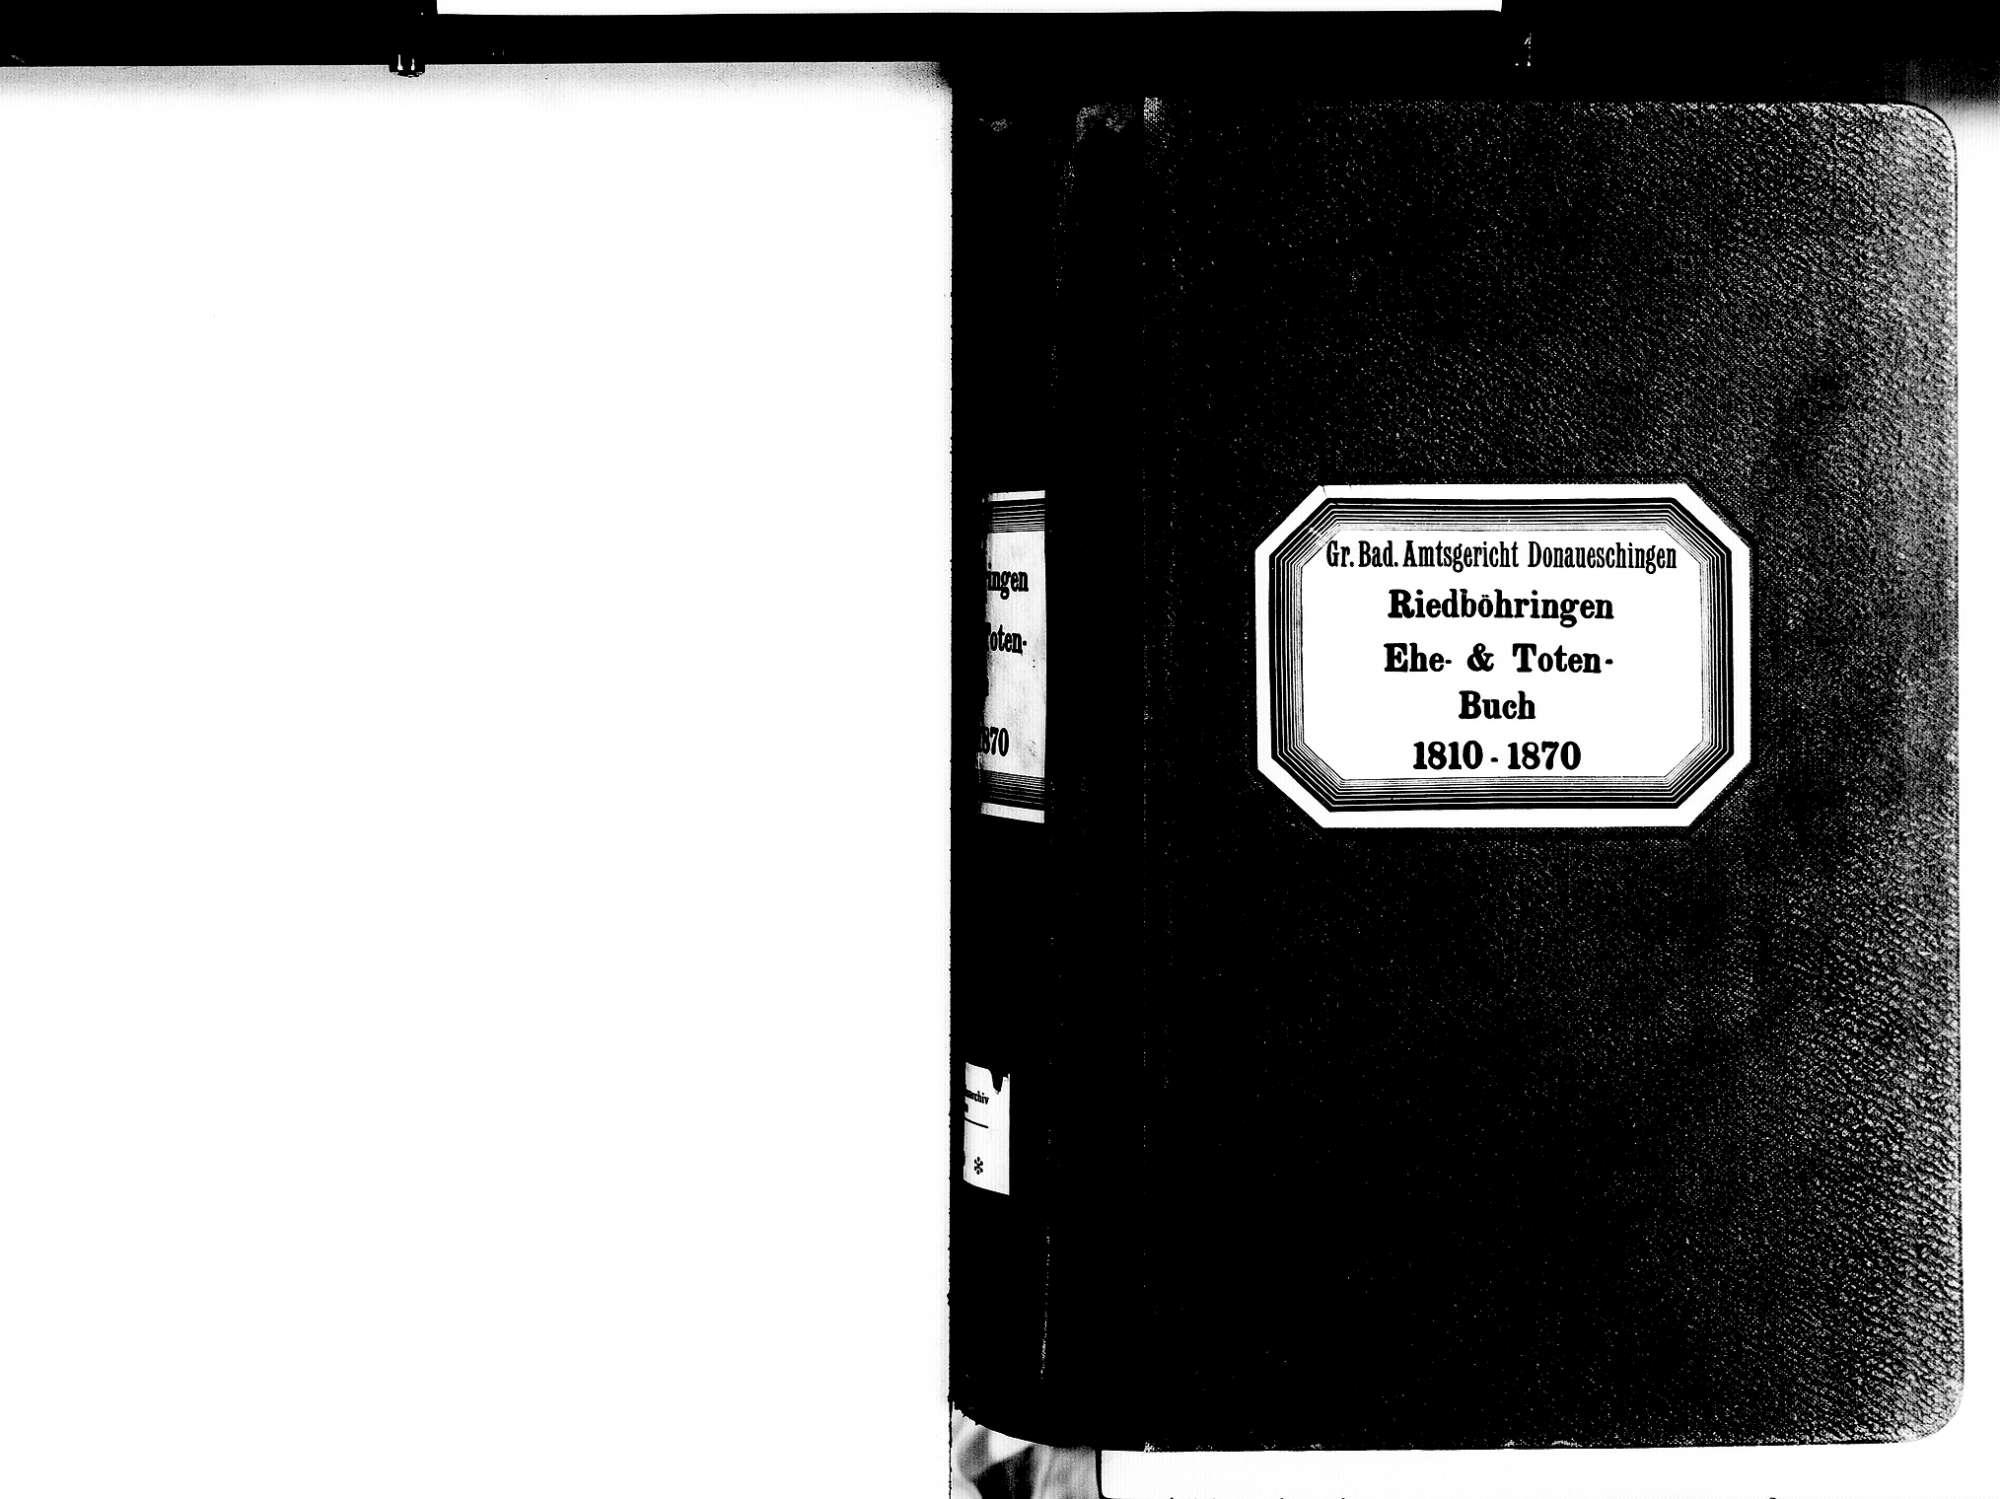 Riedböhringen, Blumberg VS; Katholische Gemeinde: Heiratsbuch 1810-1870 Riedböhringen, Blumberg VS; Katholische Gemeinde: Sterbebuch 1810-1870, Bild 2